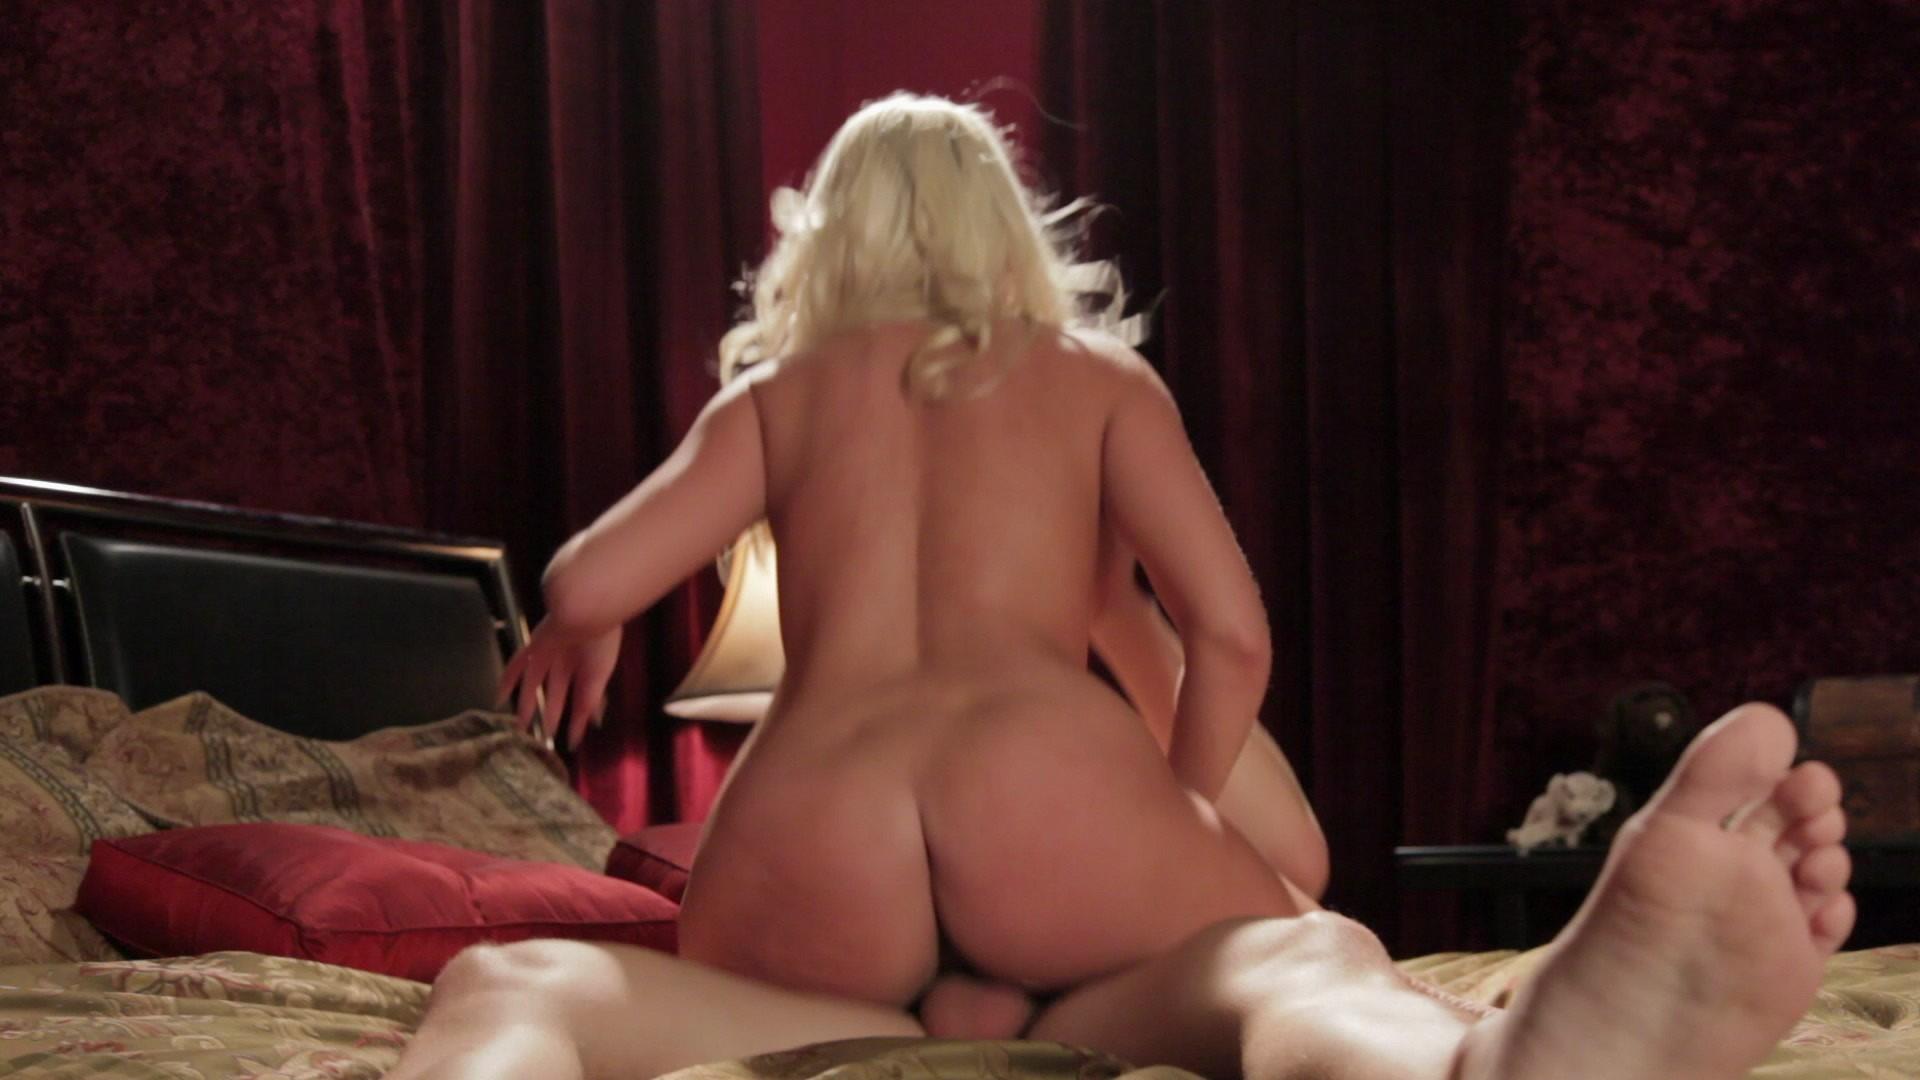 Nice girl with big tits